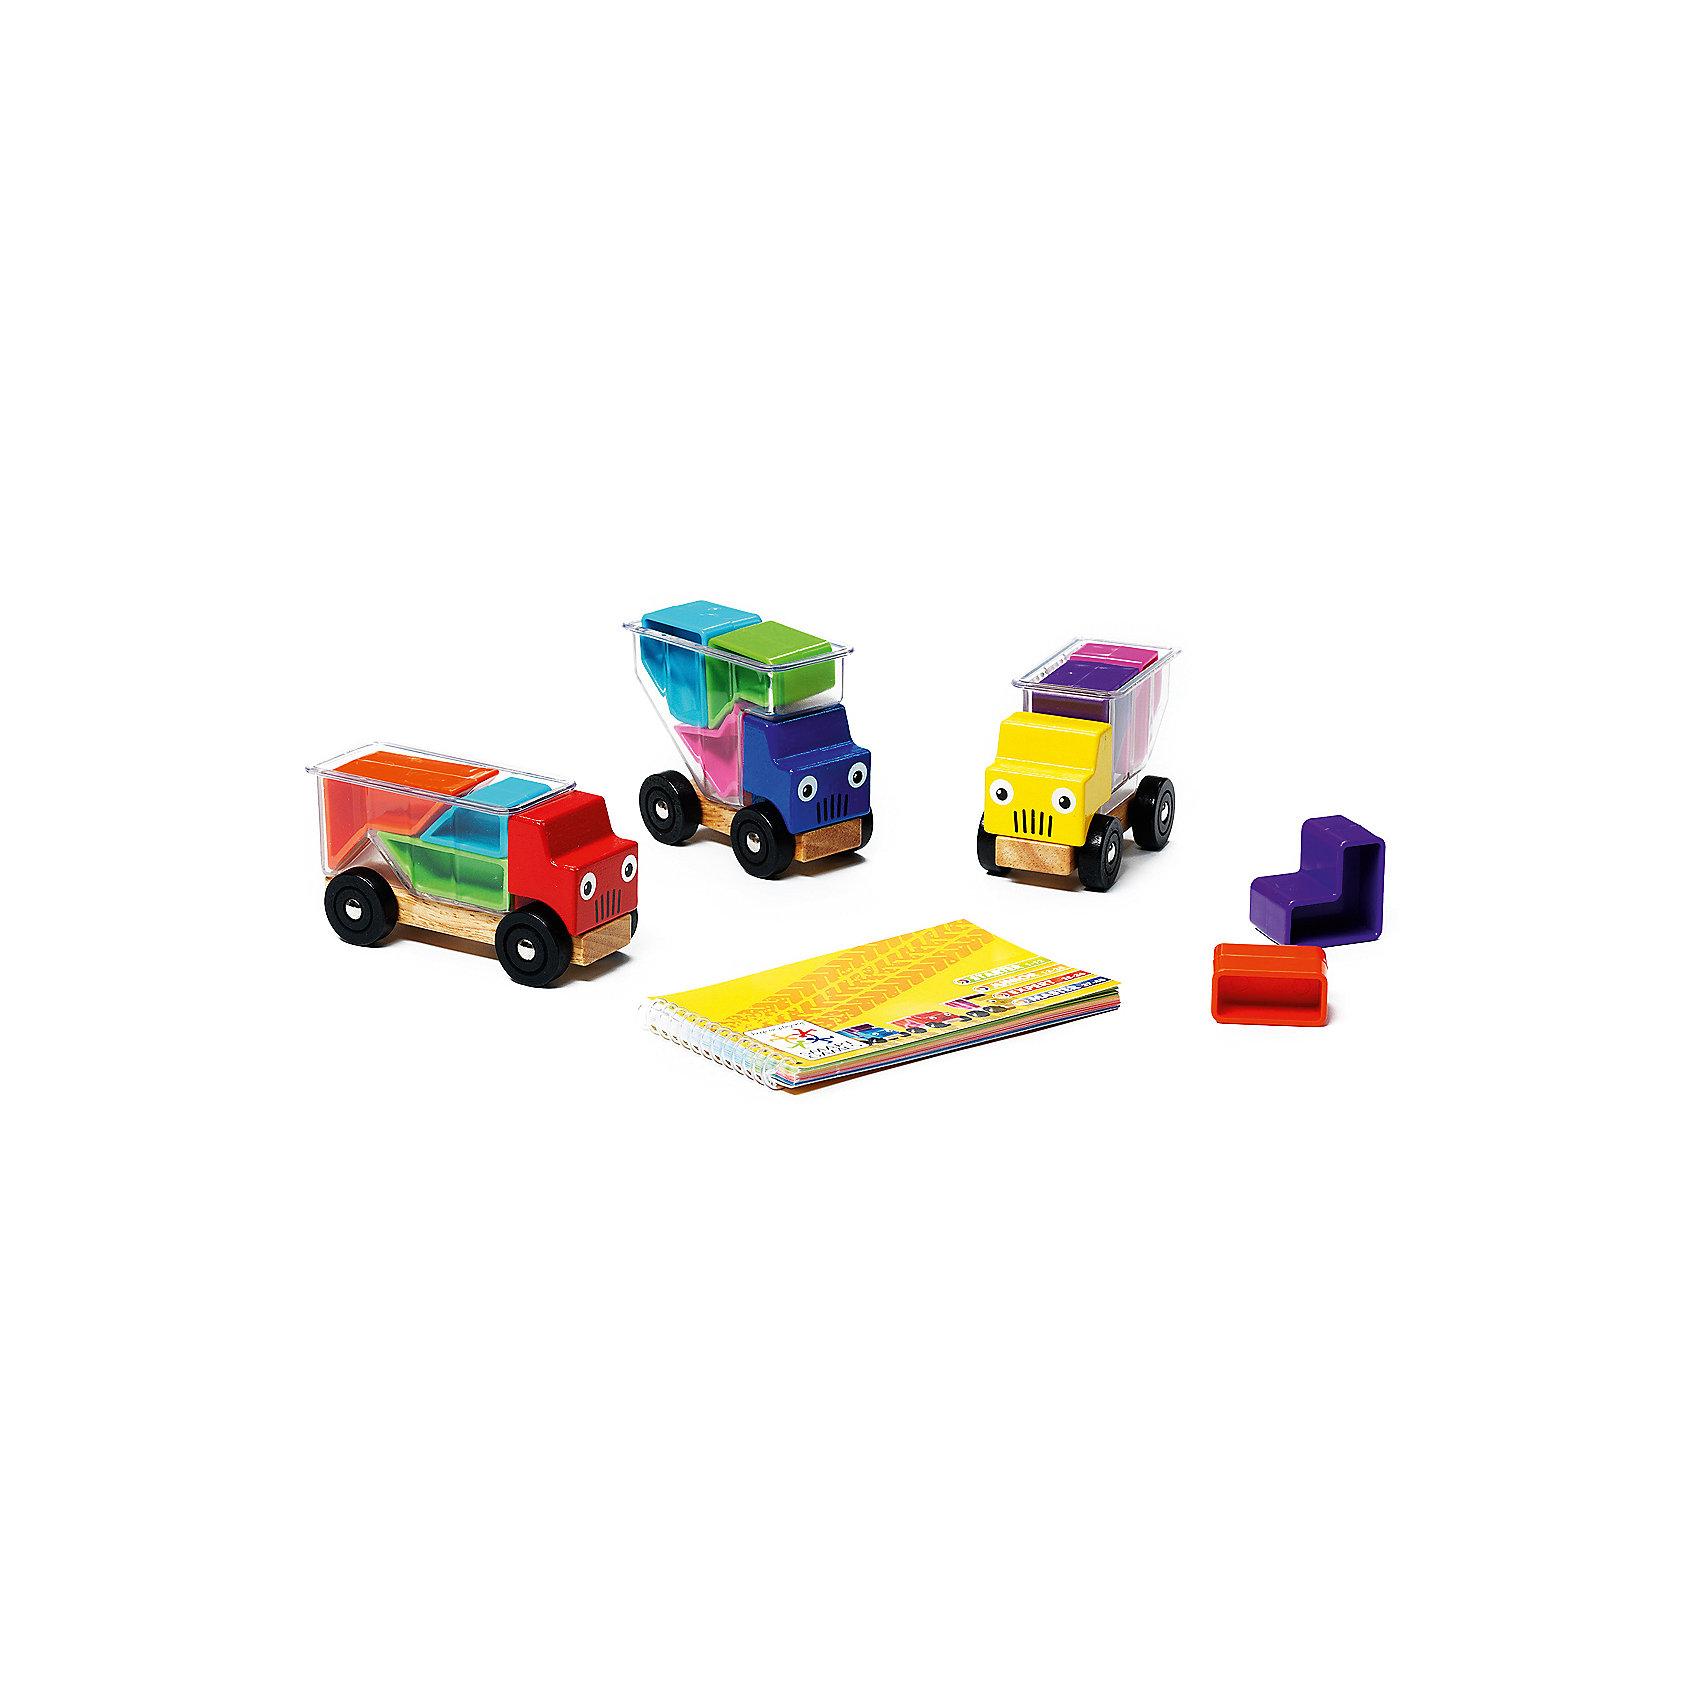 Логическая игра Грузовички, BondibonСтратегические настольные игры<br>Суть логической игры Грузовички заключается в том, чтобы загрузить в прозрачный кузов машины разноцветные детали-формочки. Детям предстоит выполнить 48 увлекательных заданий различной сложности, погружая детали таким образом, чтобы они не выступали за края кузова.<br><br>Дополнительная информация:<br><br>- Возраст: от 3 лет<br>- В комплекте: 3 грузовичка, детали различной формы, инструкция<br>- Материал: пластик<br>- Размер упаковки: 24х6х24 см<br>- Вес: 0.83 кг<br><br>Логическую игру Грузовички, Bondibon можно купить в нашем интернет-магазине.<br><br>Ширина мм: 240<br>Глубина мм: 62<br>Высота мм: 240<br>Вес г: 833<br>Возраст от месяцев: 36<br>Возраст до месяцев: 108<br>Пол: Унисекс<br>Возраст: Детский<br>SKU: 4864495